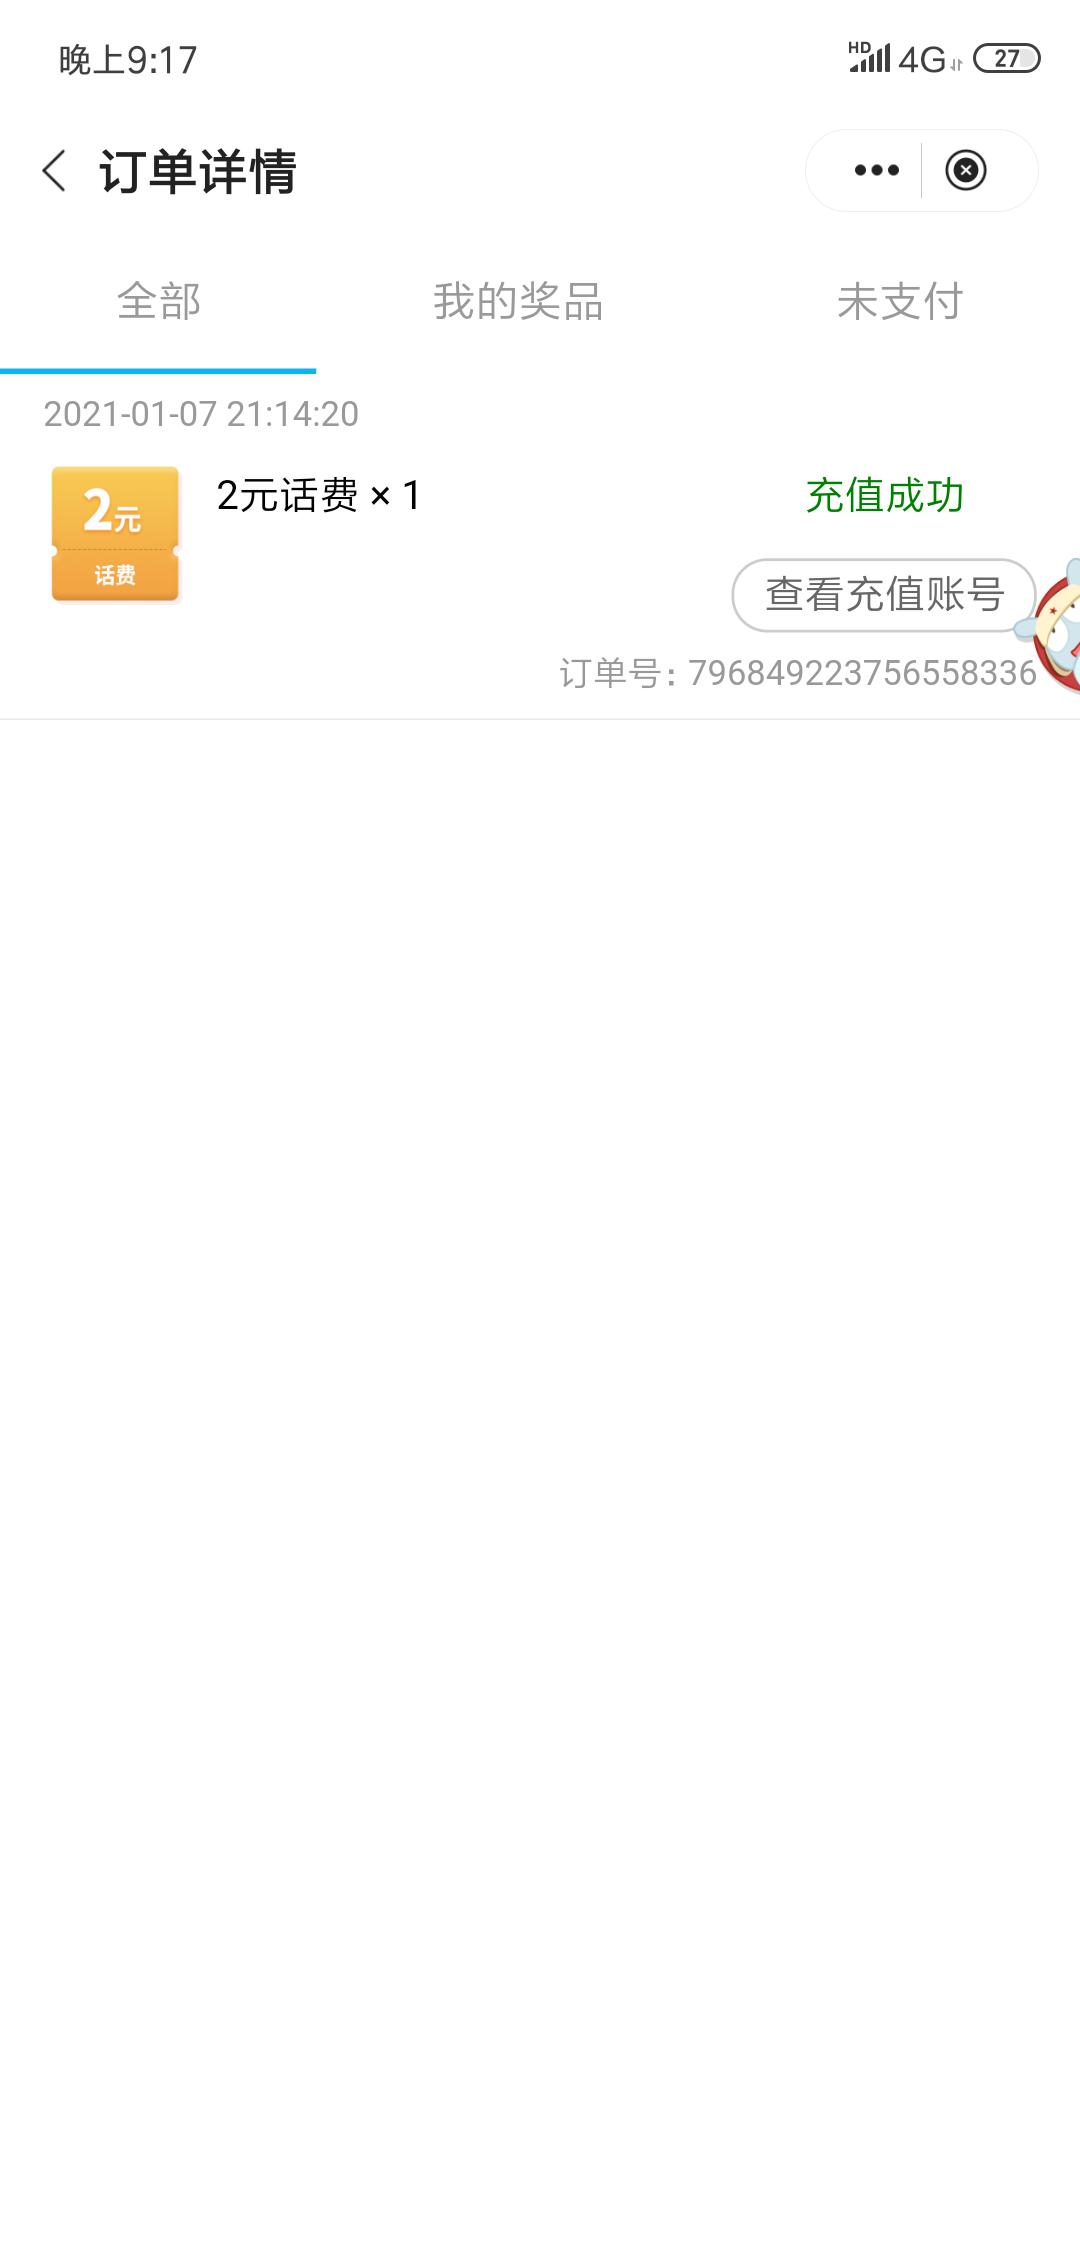 中国银行支付0.01抽话费卷插图2